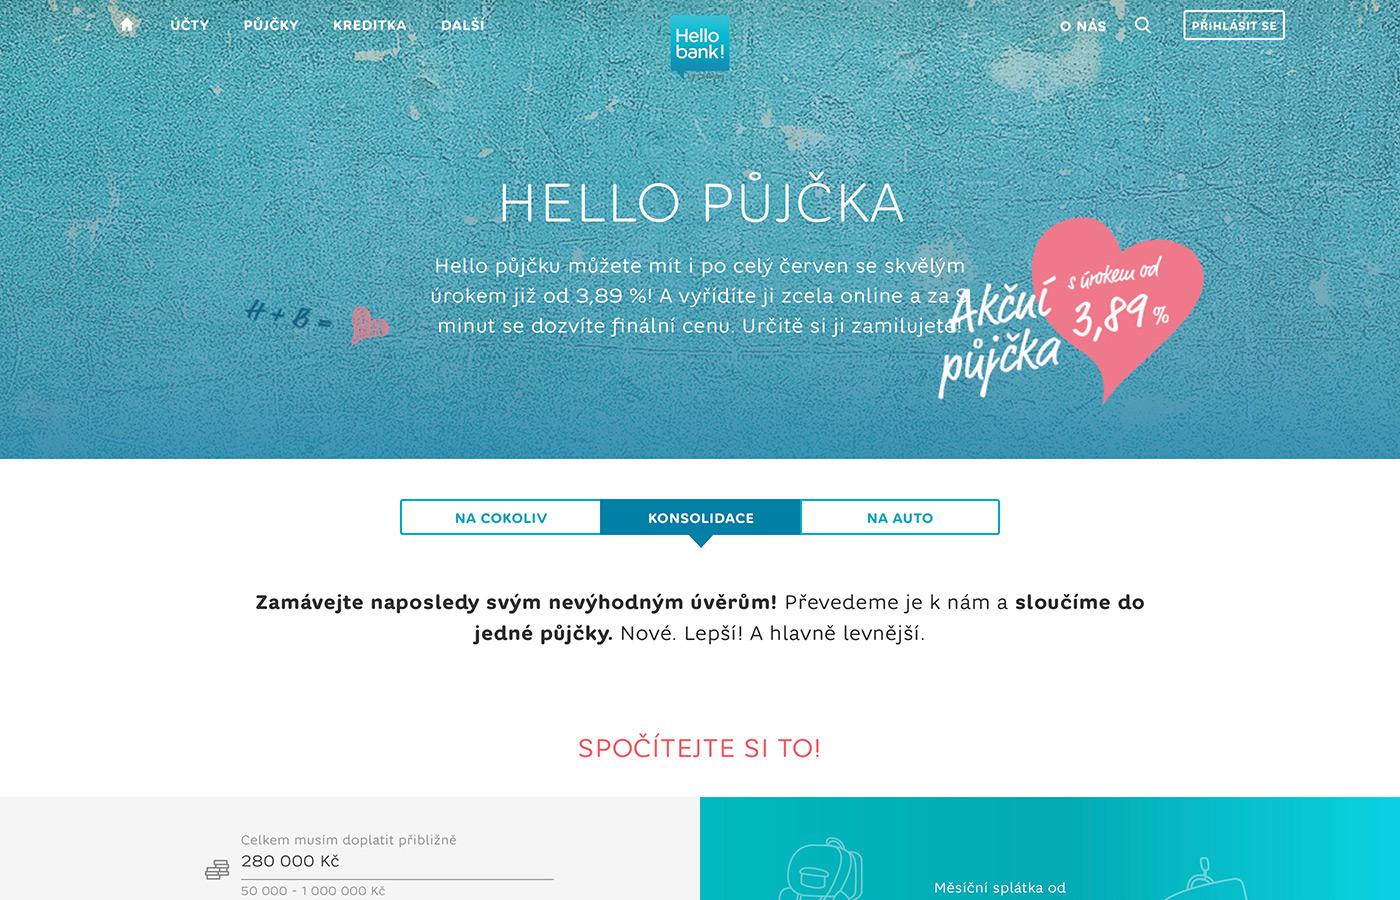 Webové stránky https://www.hellobank.cz/pujcky/konsolidace